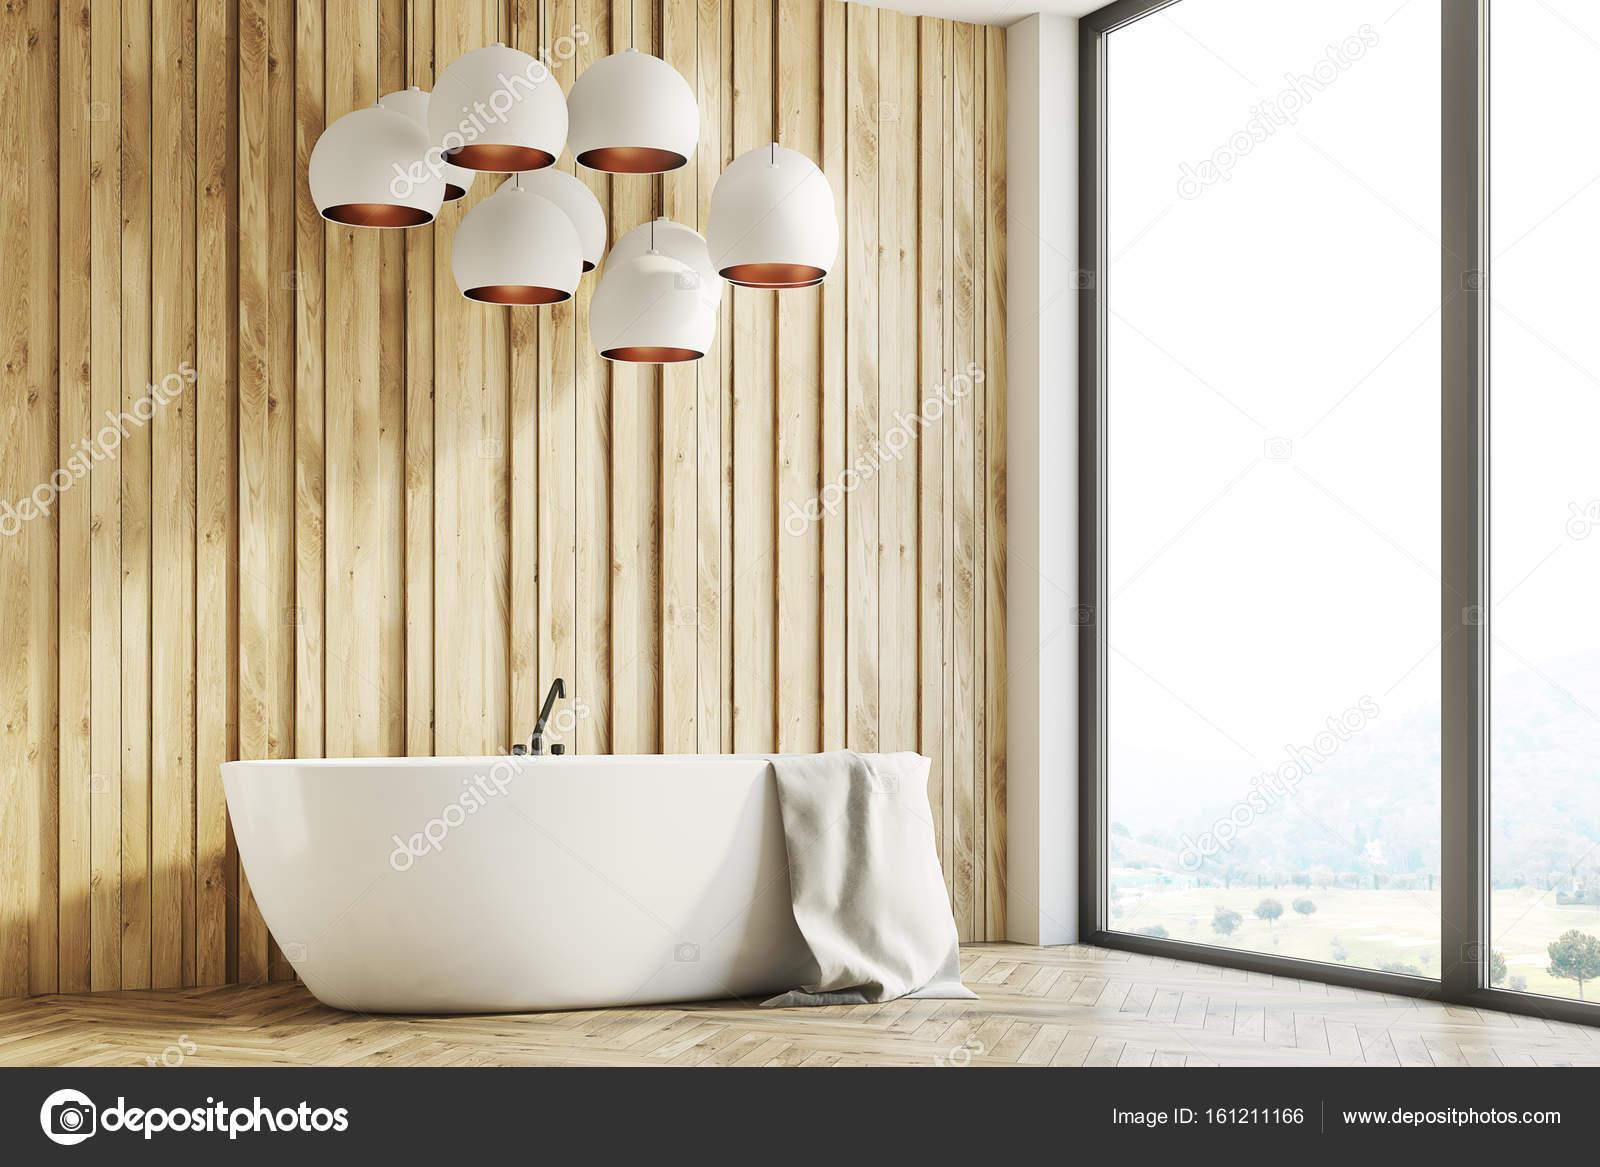 Wnętrze Po Stronie Drewniane łazienka Zdjęcie Stockowe